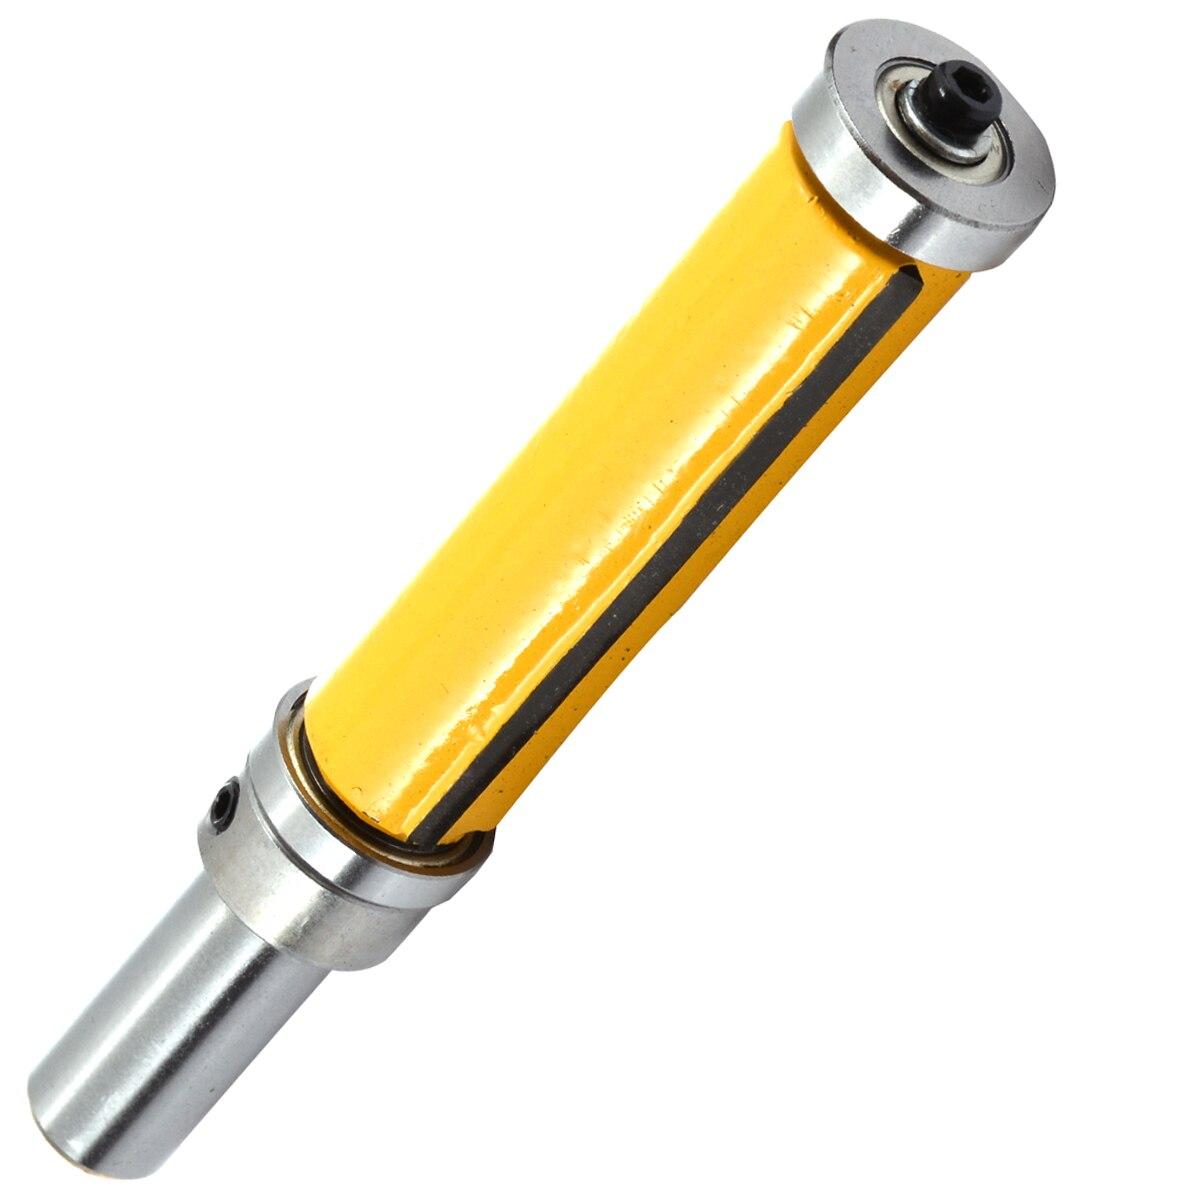 1 stück Flush Trim Muster Router Bit 1/2 ''Schaft Top & Bottom Lager Fräsen Cutter Für Holzbearbeitung Werkzeug